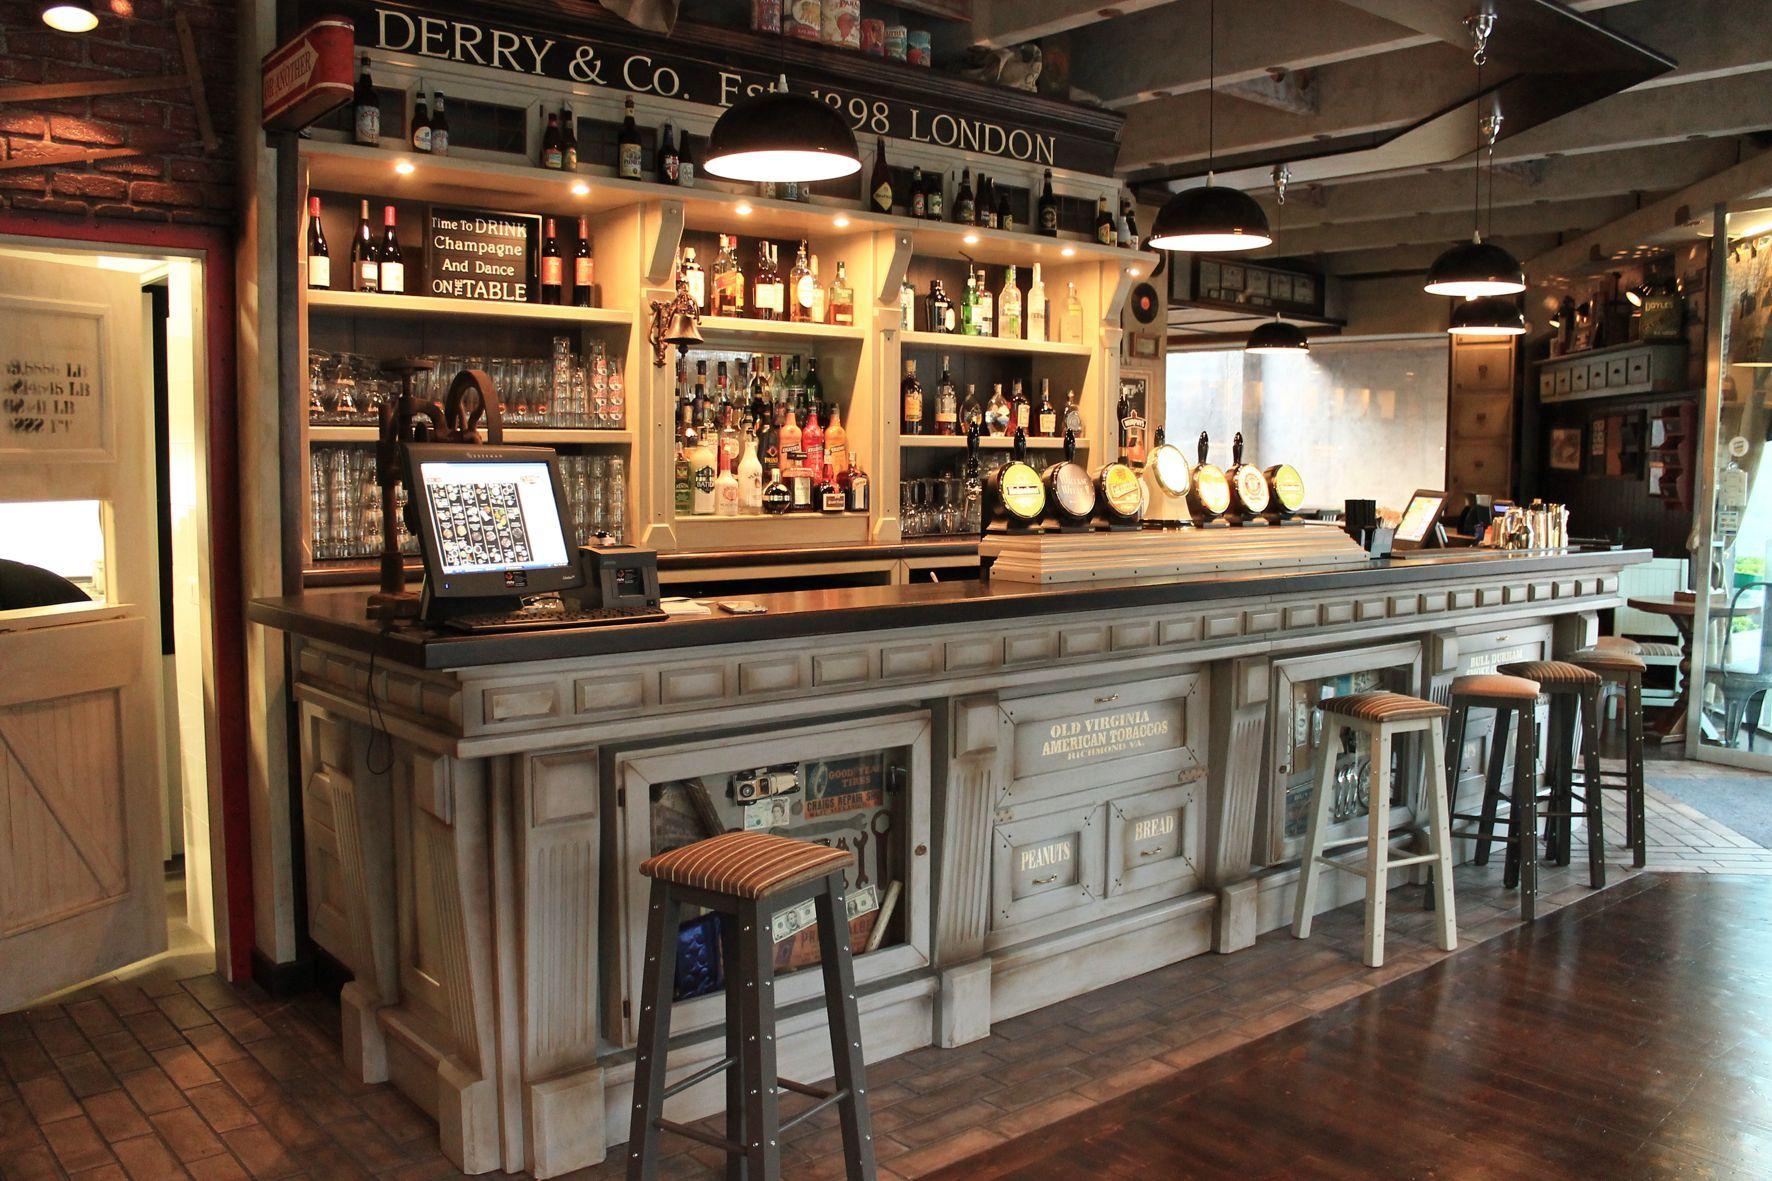 Let sit for 10 minutes. Camproject Srl Arredo Pub Arredamenti Arredi Per Irish Pub English Pub Birrerie In Stile Locali Tematici Locali D Pub Design Finishing Basement Wine Bar